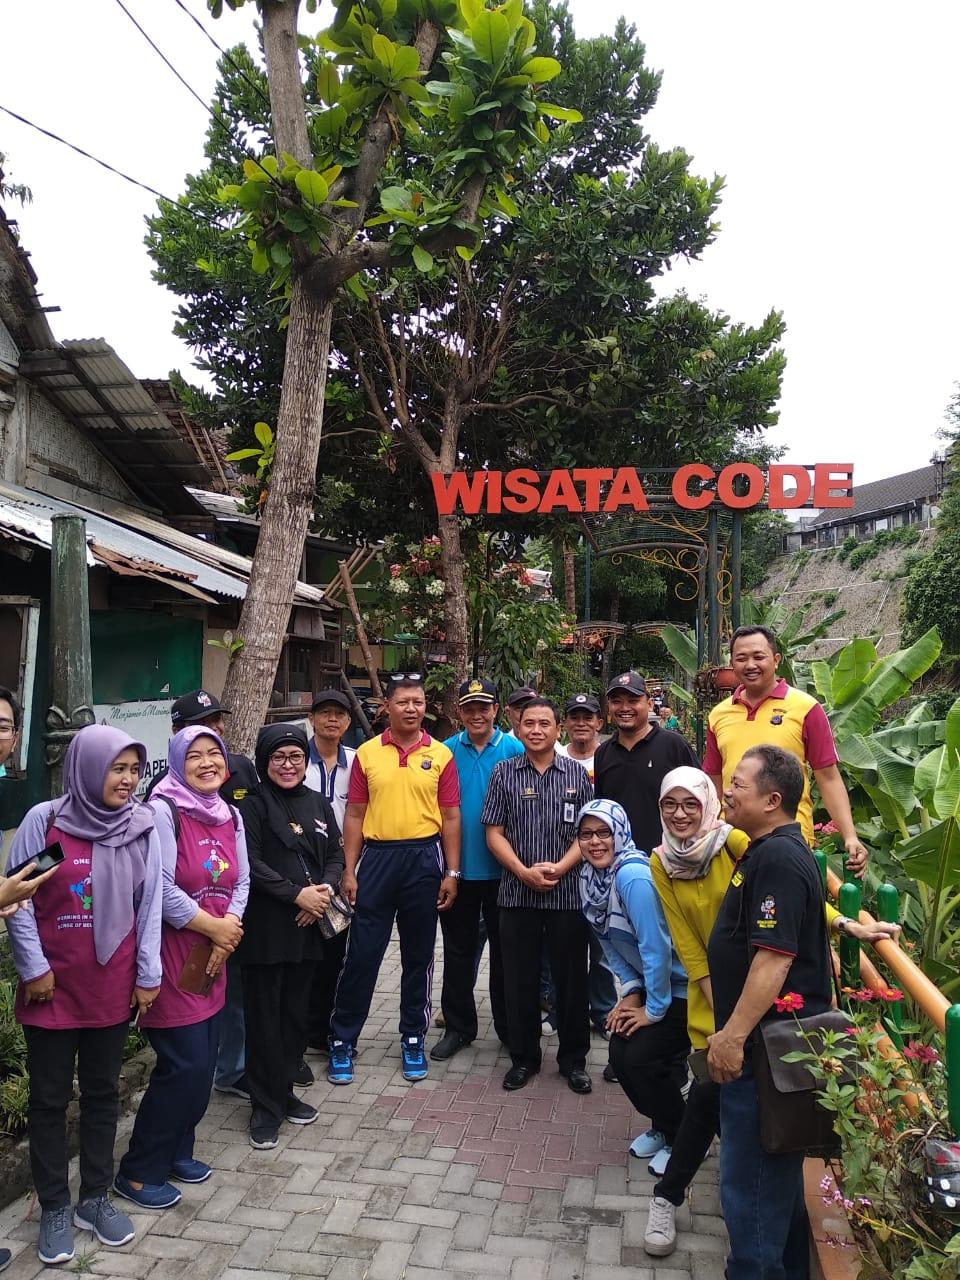 WIsata Code